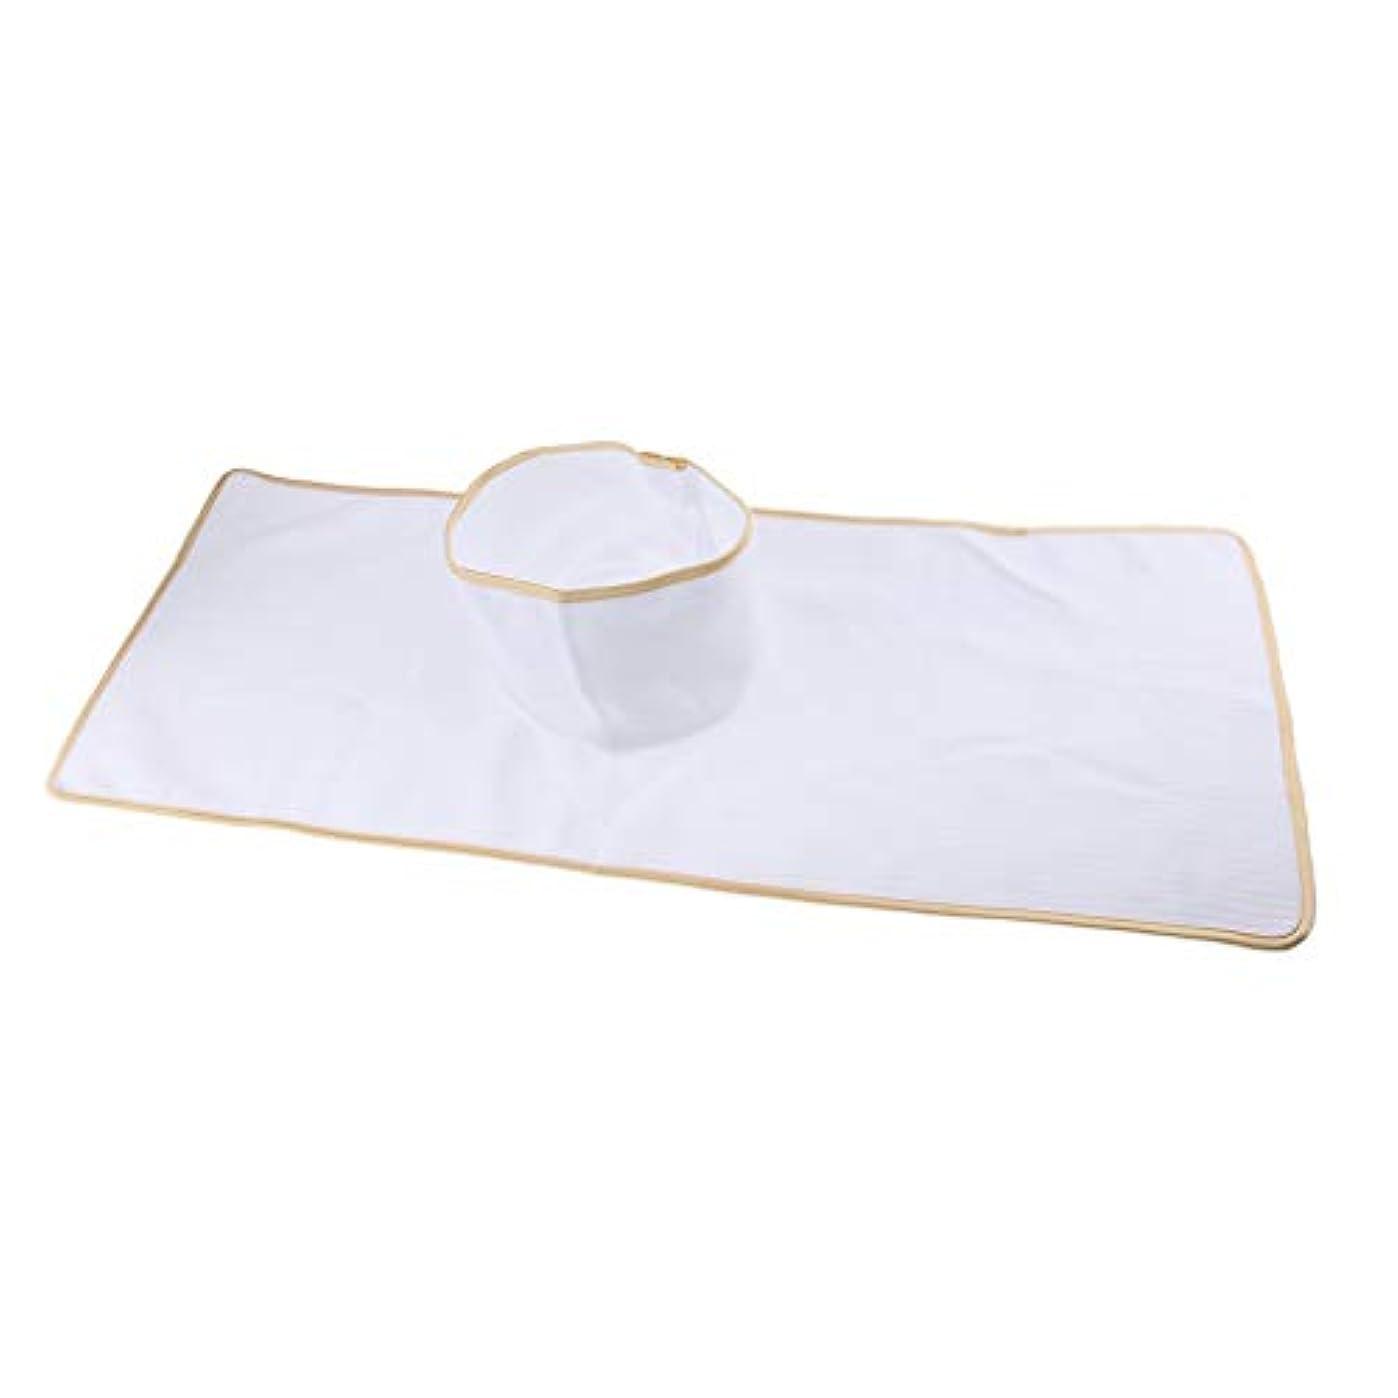 バスケットボール砂利混沌Baoblaze マッサージテーブルカバー シート パッド 顔の穴付き 再使用可能 約90×35cm 全3色 - 白